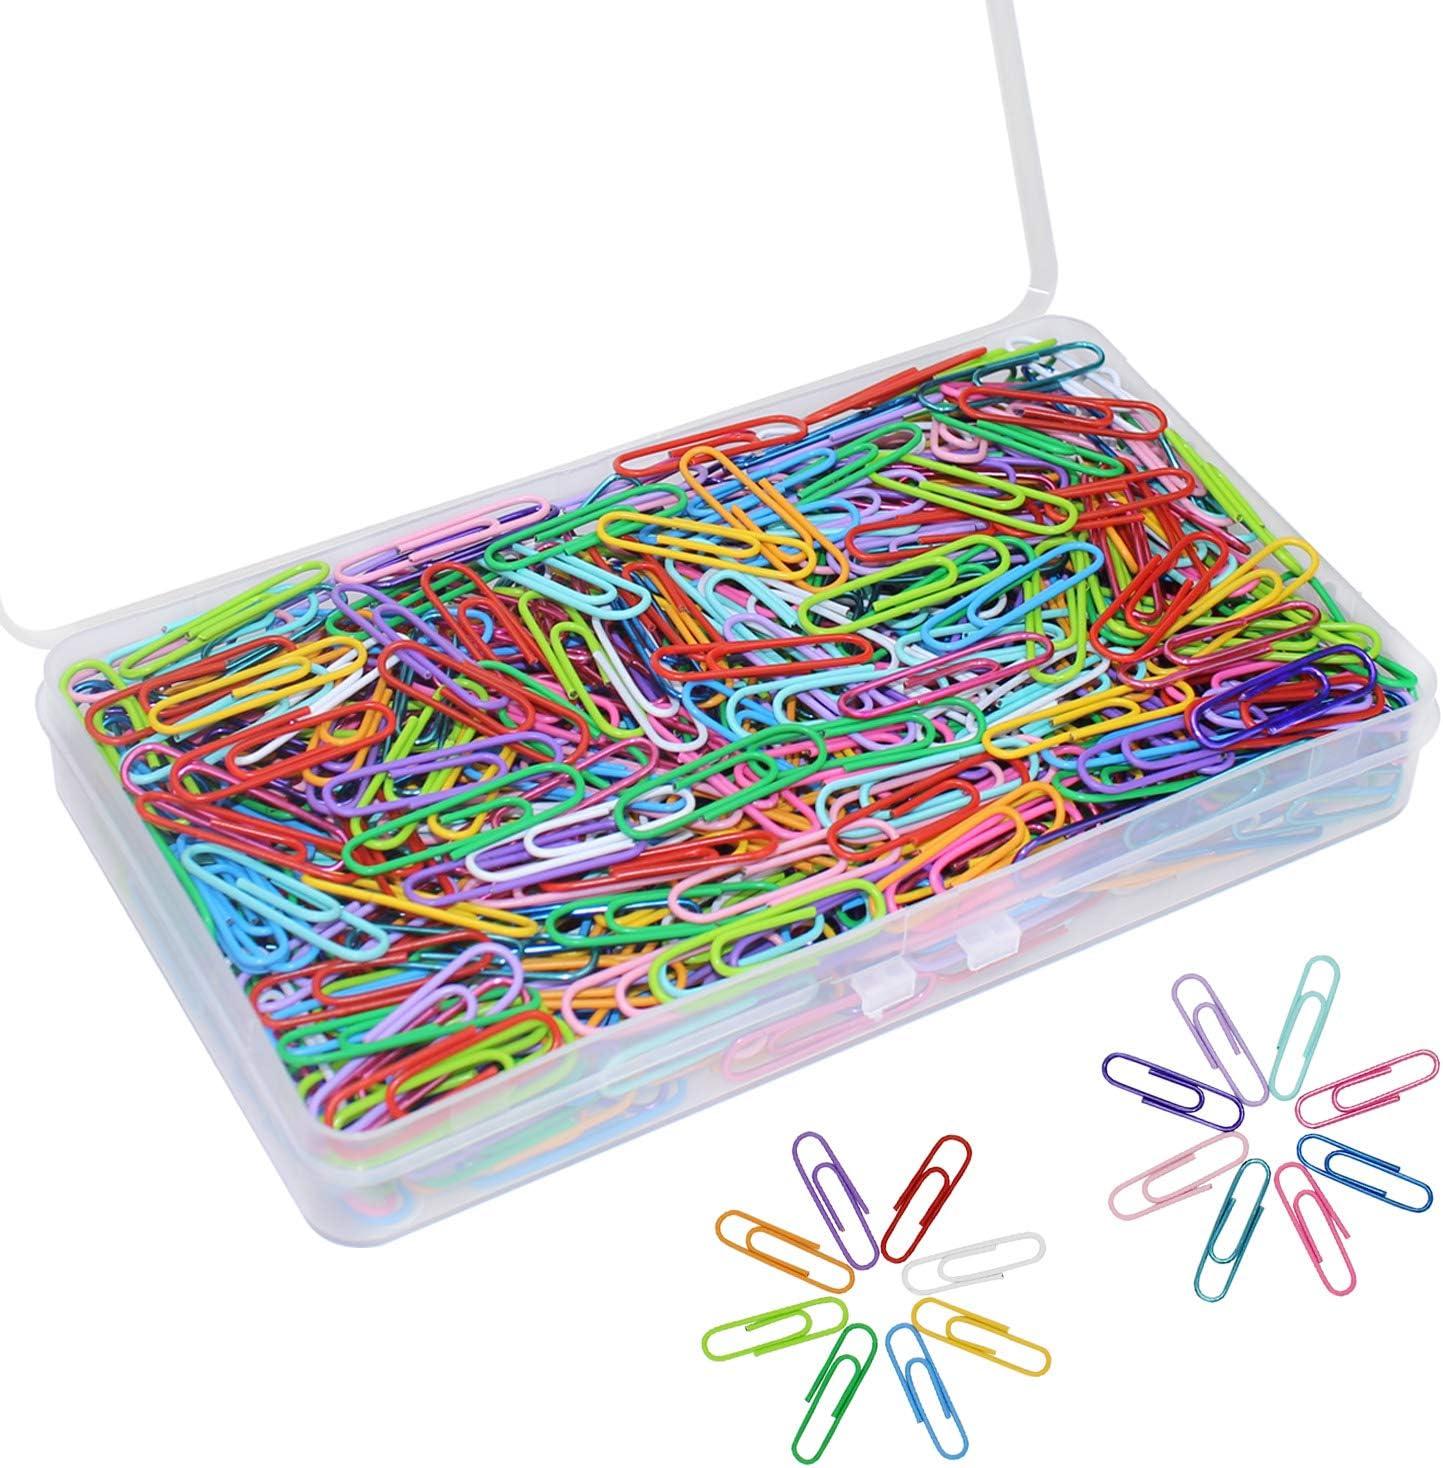 Graffette Colorate 500 Pezzi Clip Fermagli in Metallo Vinile Rivestito Paperclips multicolore Supporto per Ufficio Scuola Documenti 33mm